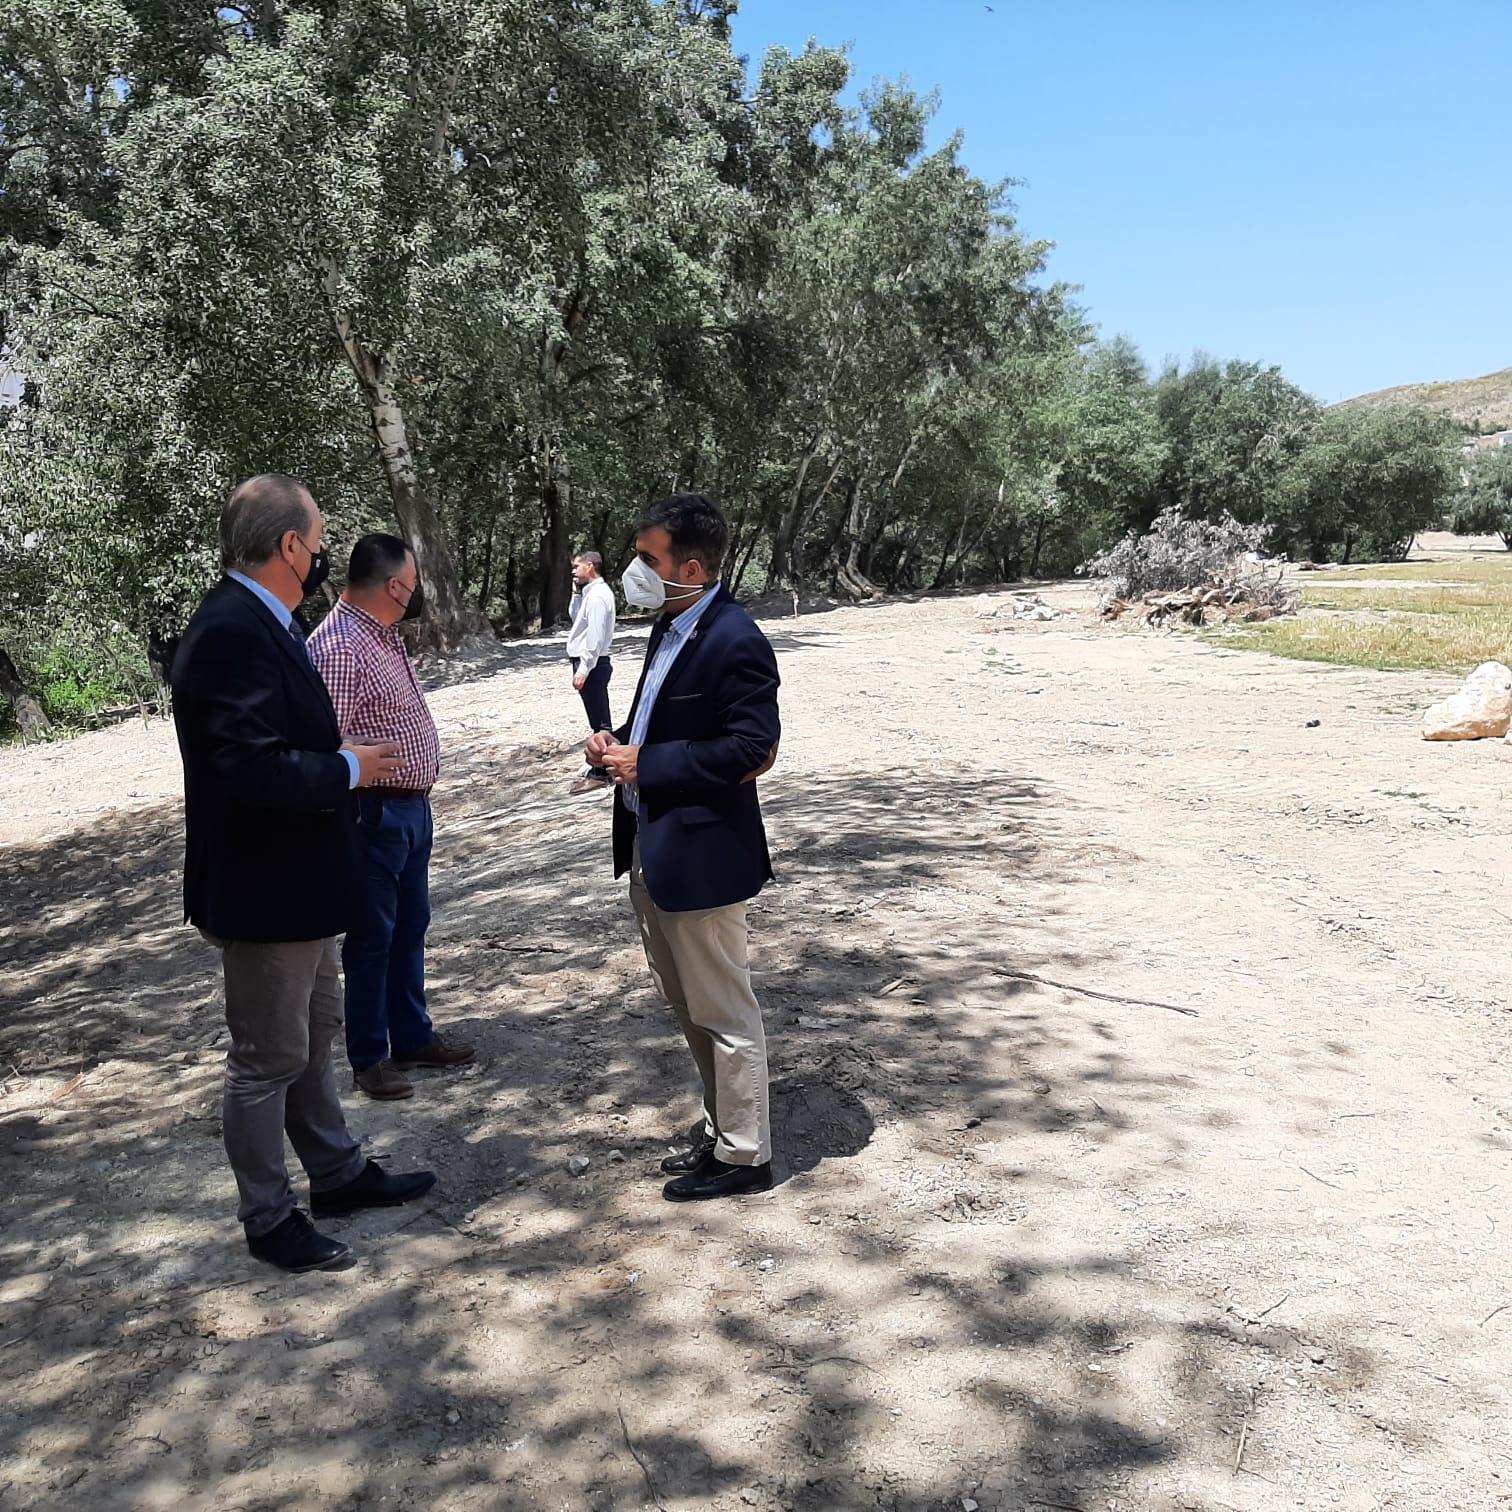 Destinan más de 867.000 euros en Loja para infraestructuras municipales y reparar los daños de la DANA